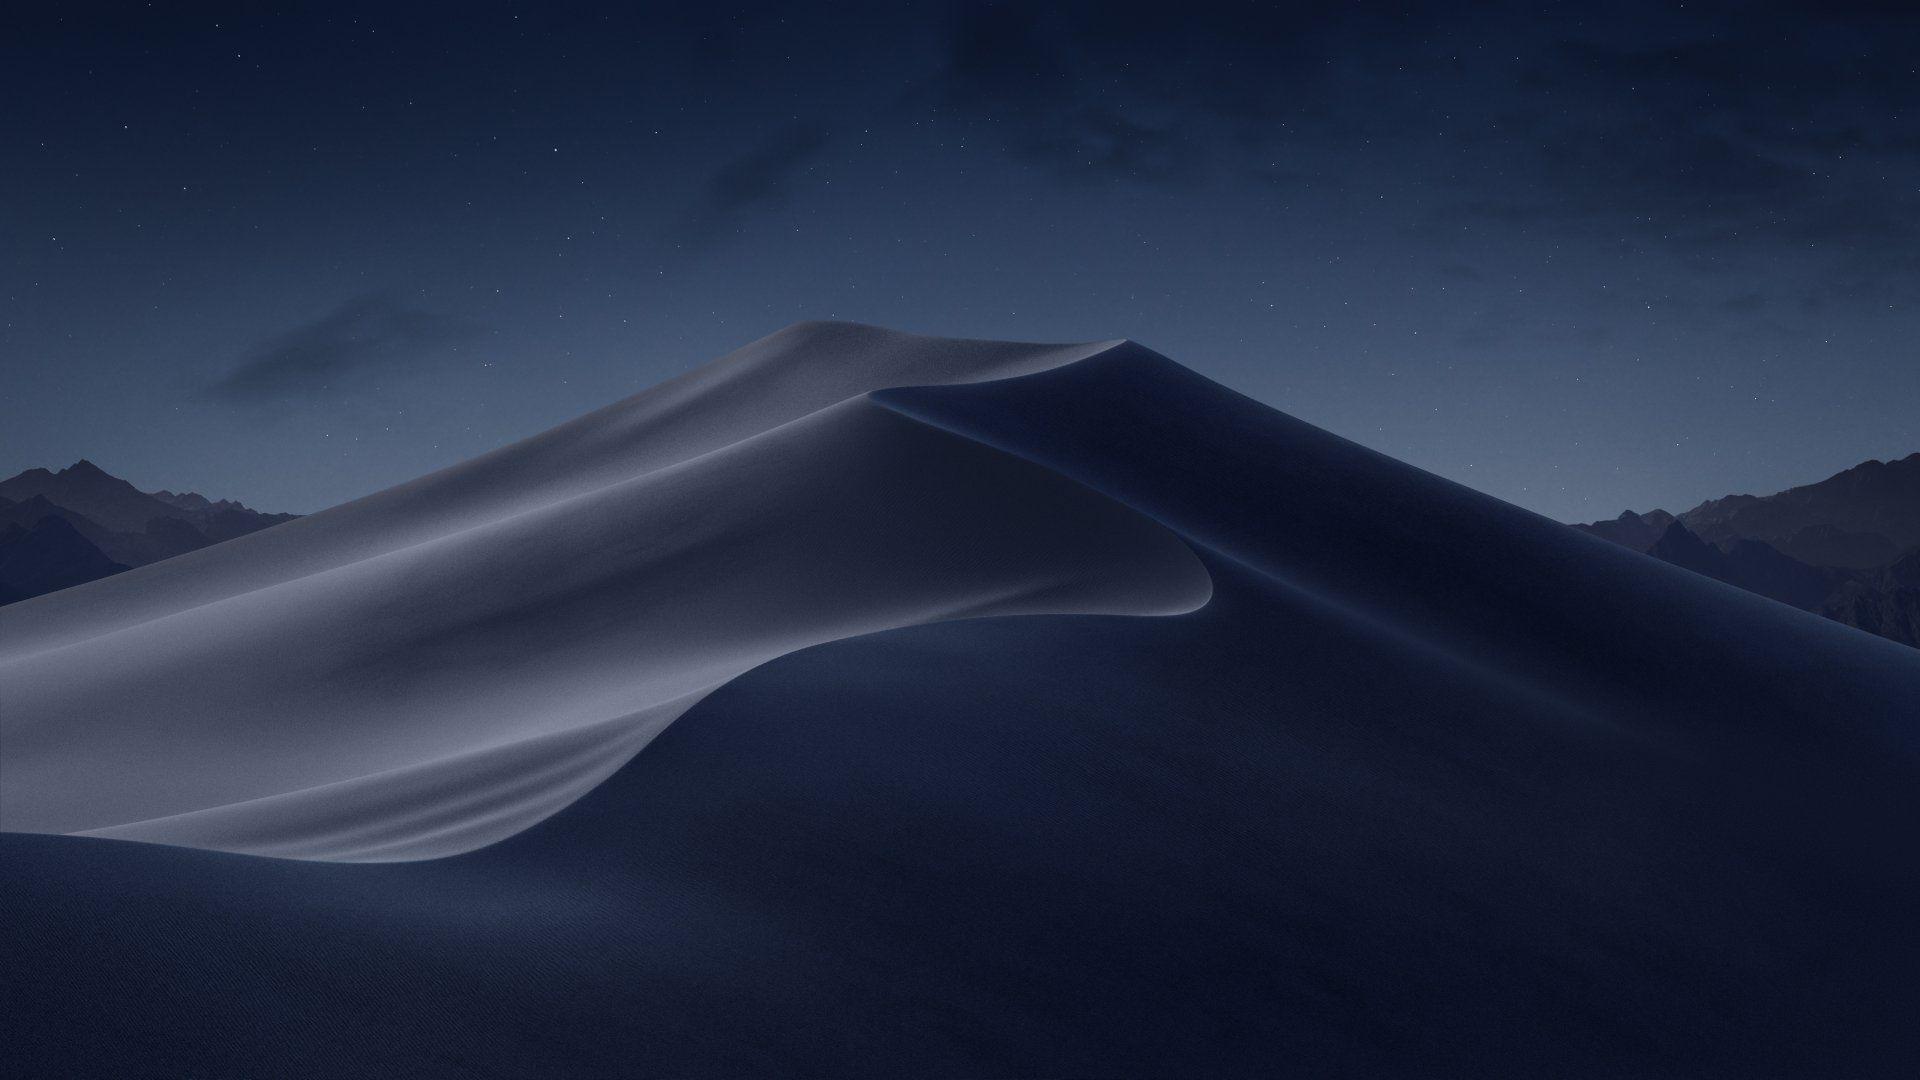 Macbook Air desktop background free